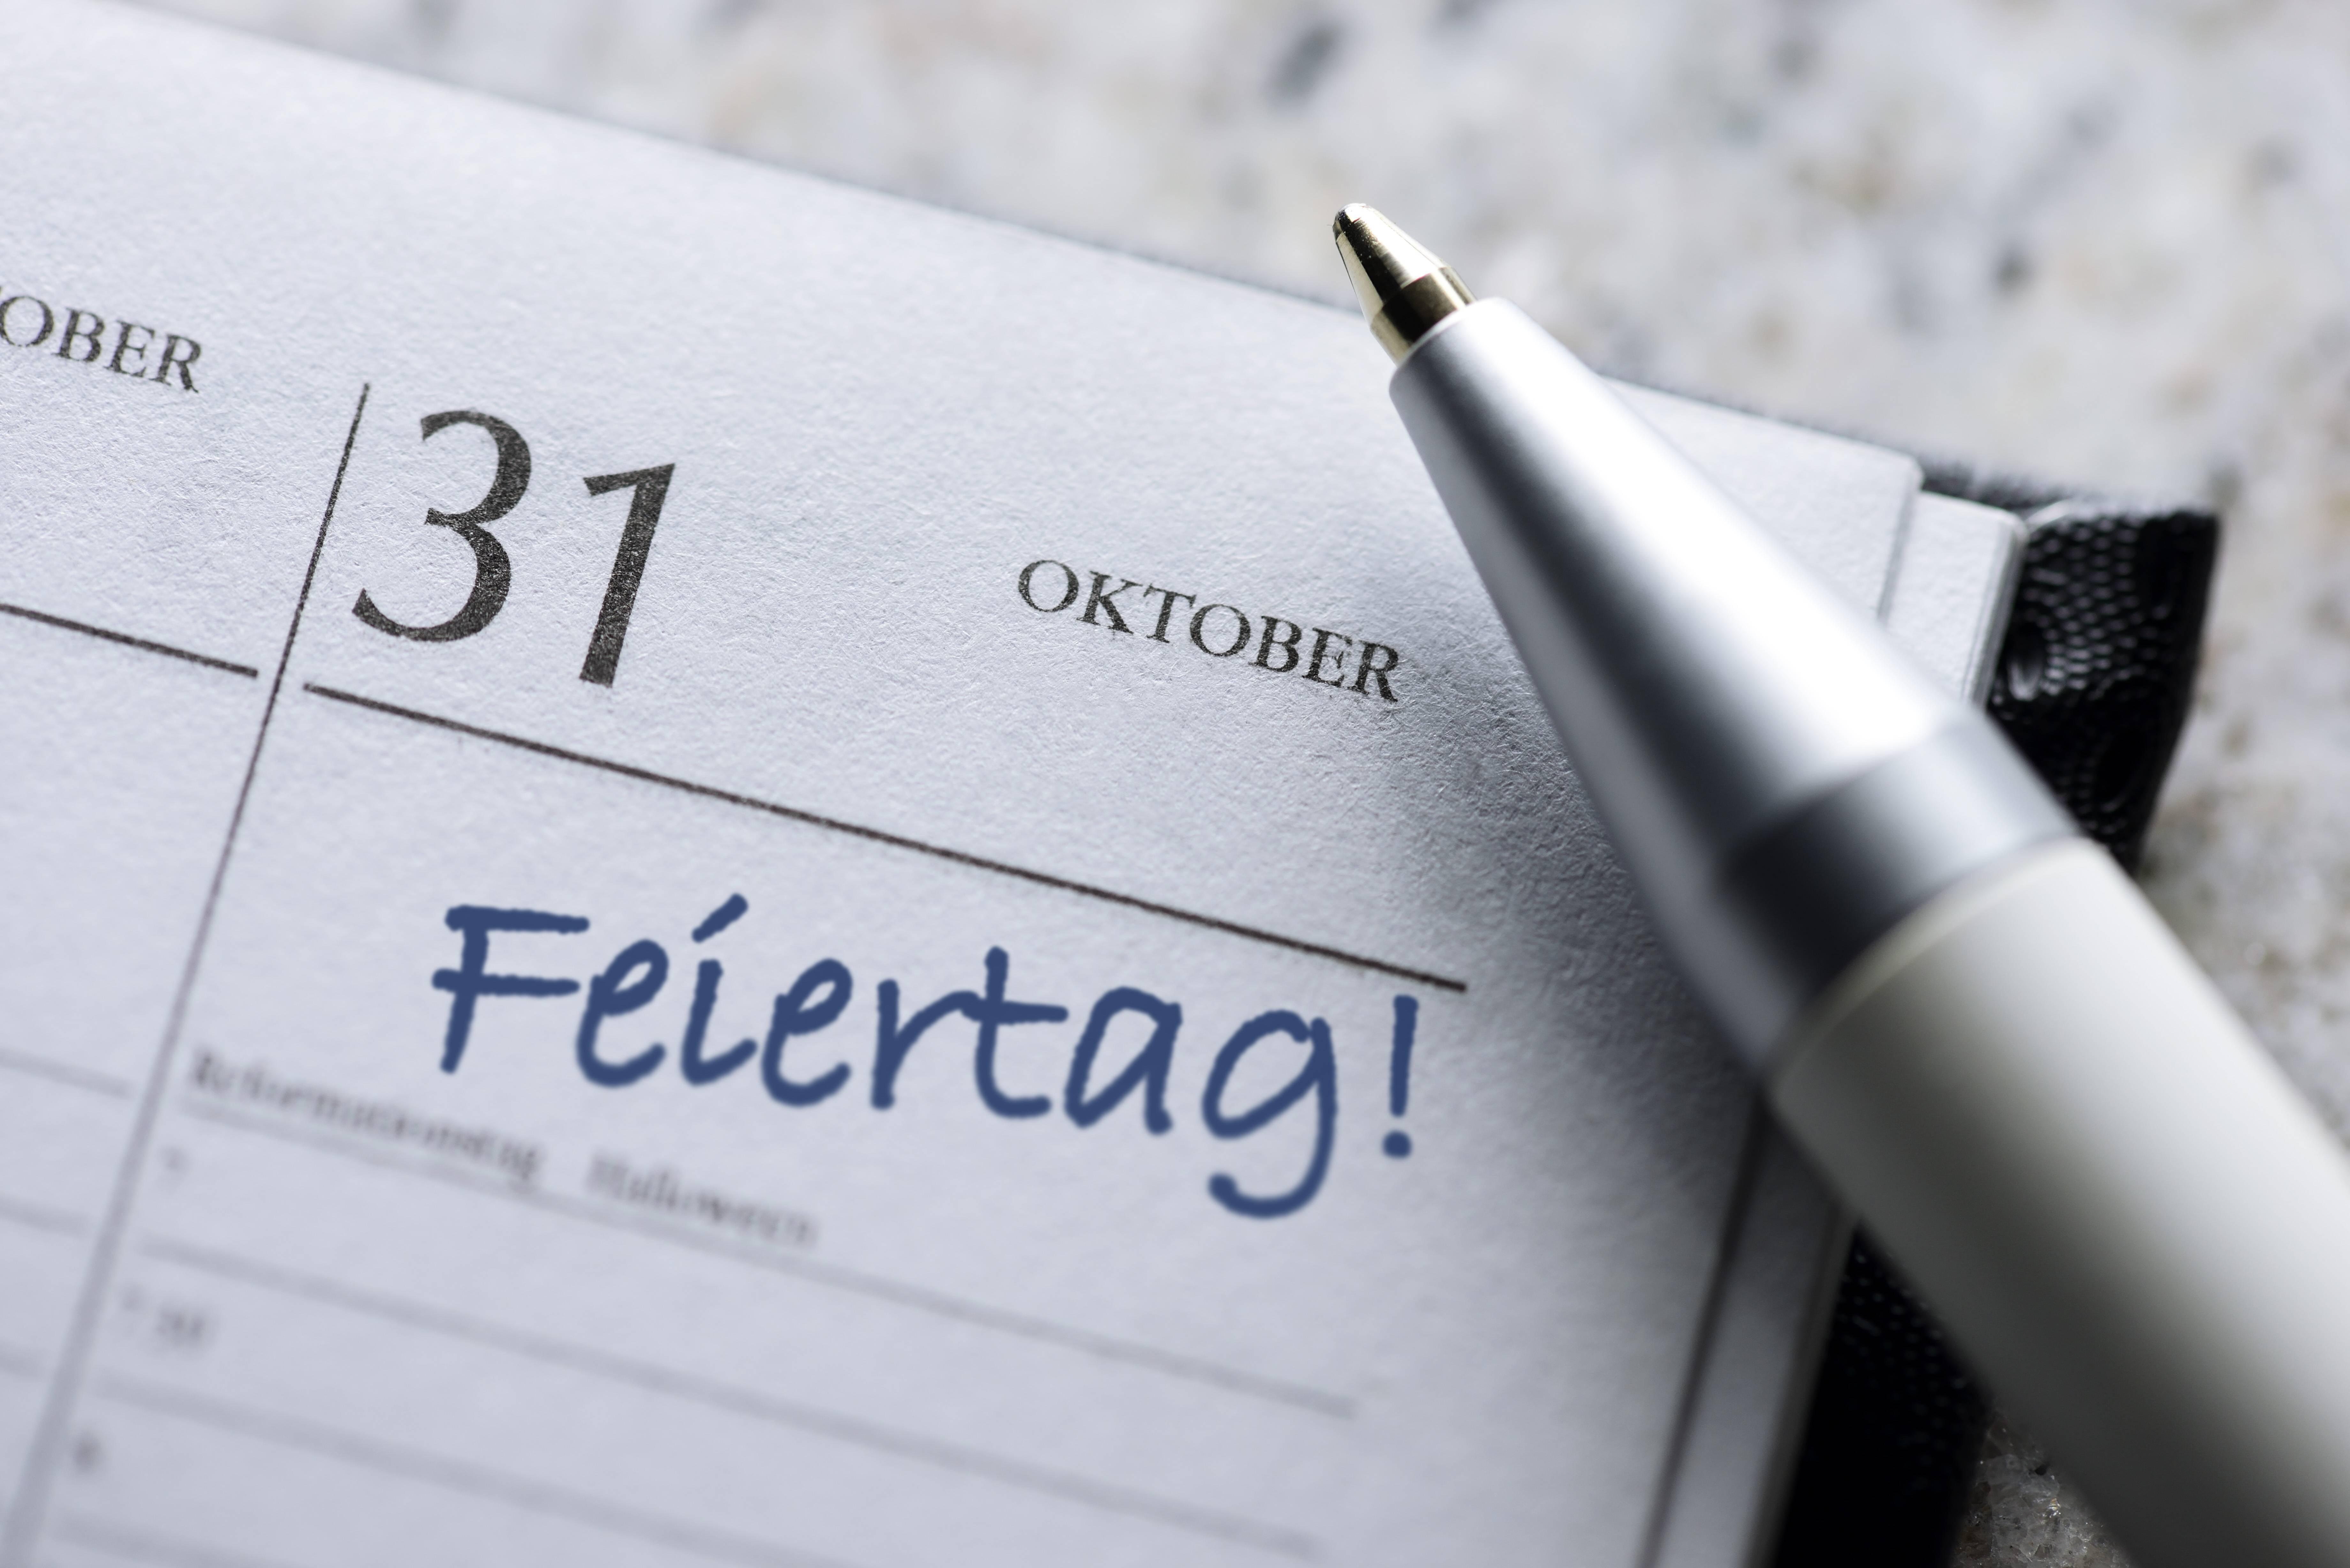 Feiertage 2021 in Mecklenburg-Vorpommern - So nutzen Sie Brückentage optimal